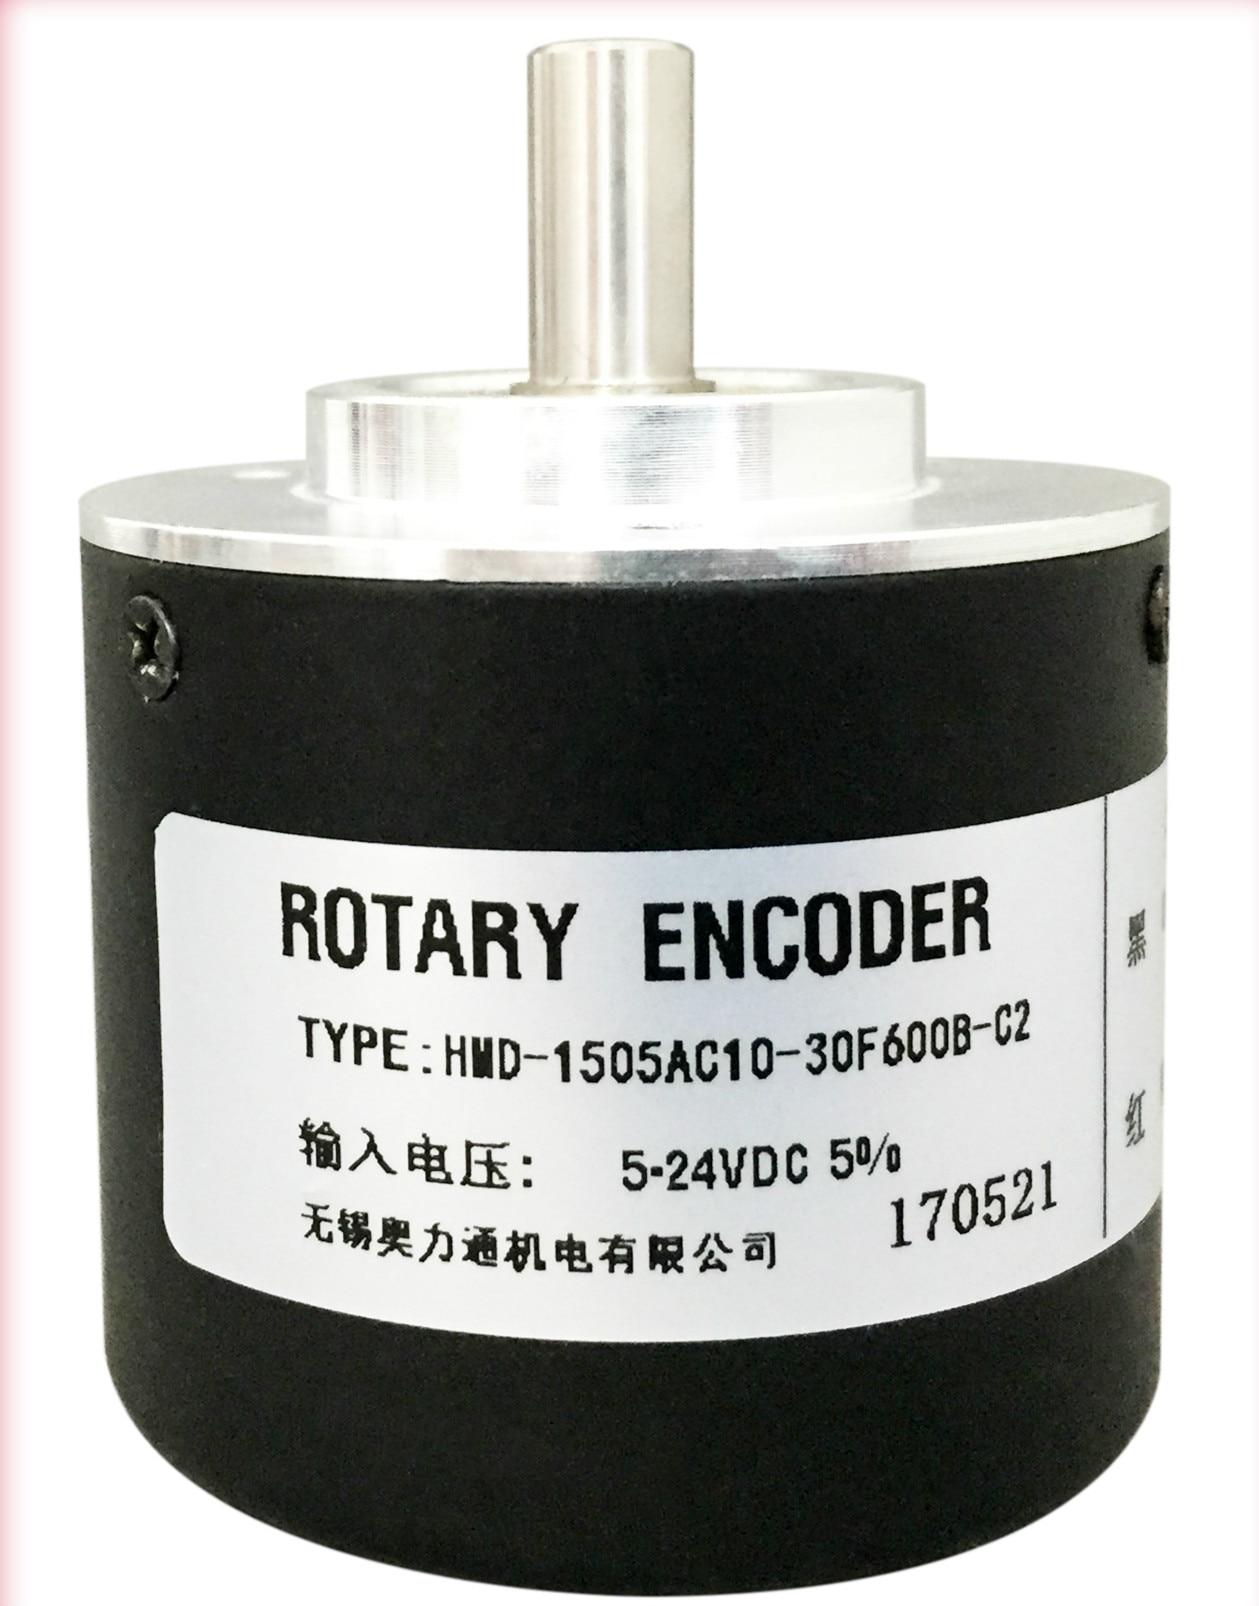 HMD-1505AC10-30F600B-C2 Photoelectric Encoder